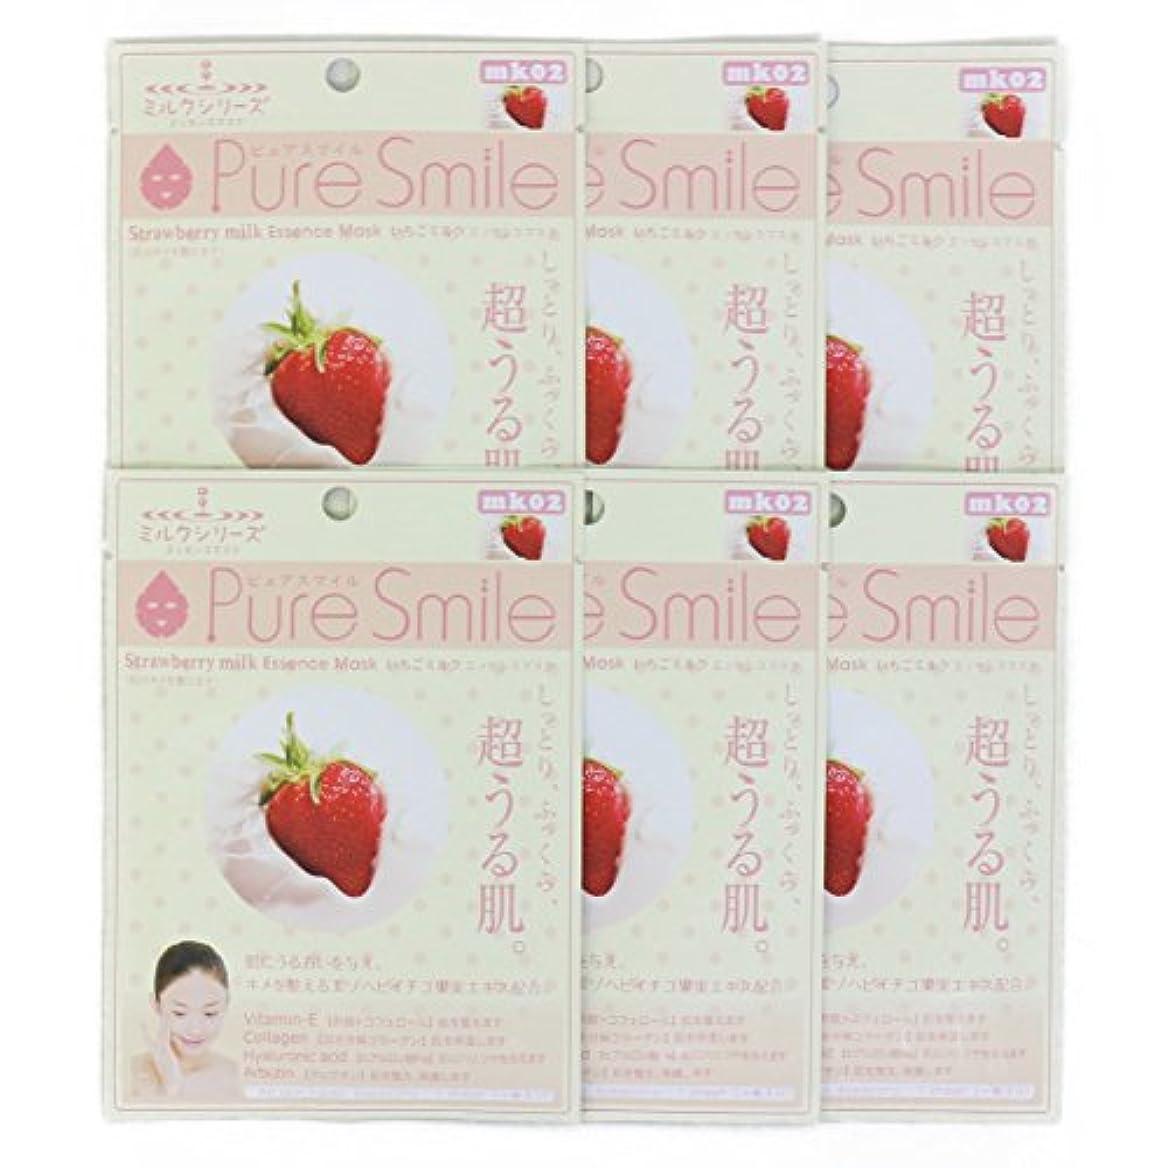 うがい薬区画代替Pure Smile ピュアスマイル ミルクエッセンスマスク イチゴミルク 6枚セット